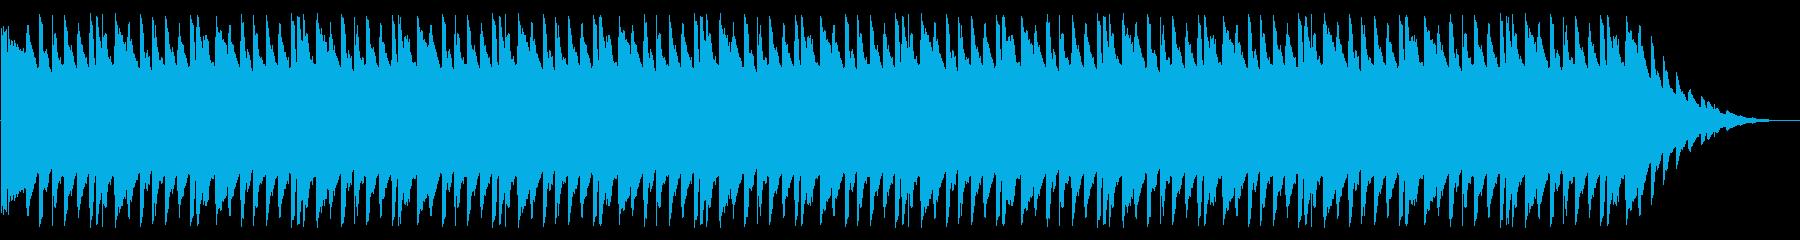 NES RPG A09-1(勝利) の再生済みの波形